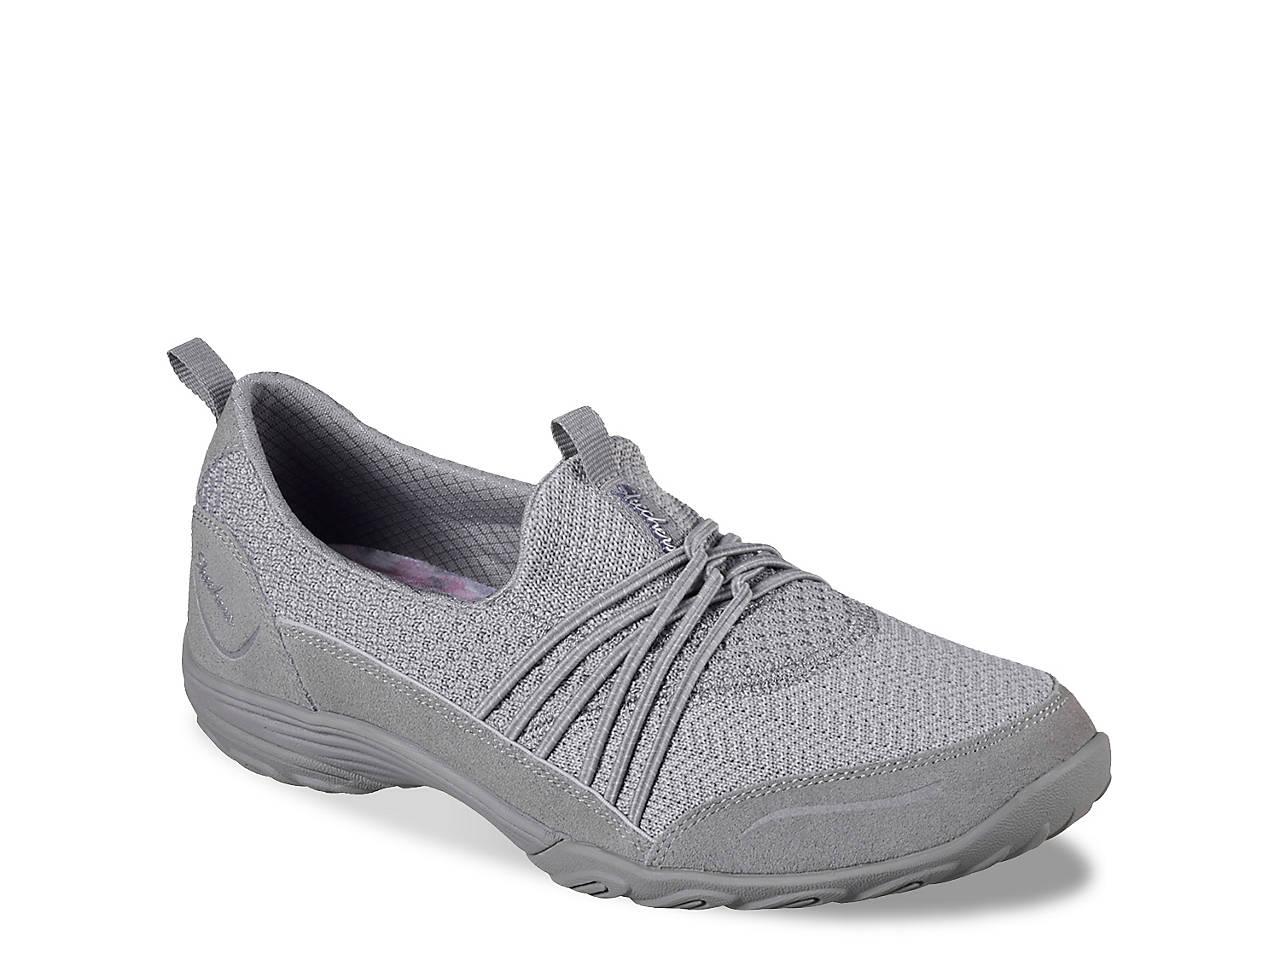 1679f051073e Skechers Classic Fit Empress Slip-On Sneaker Women s Shoes